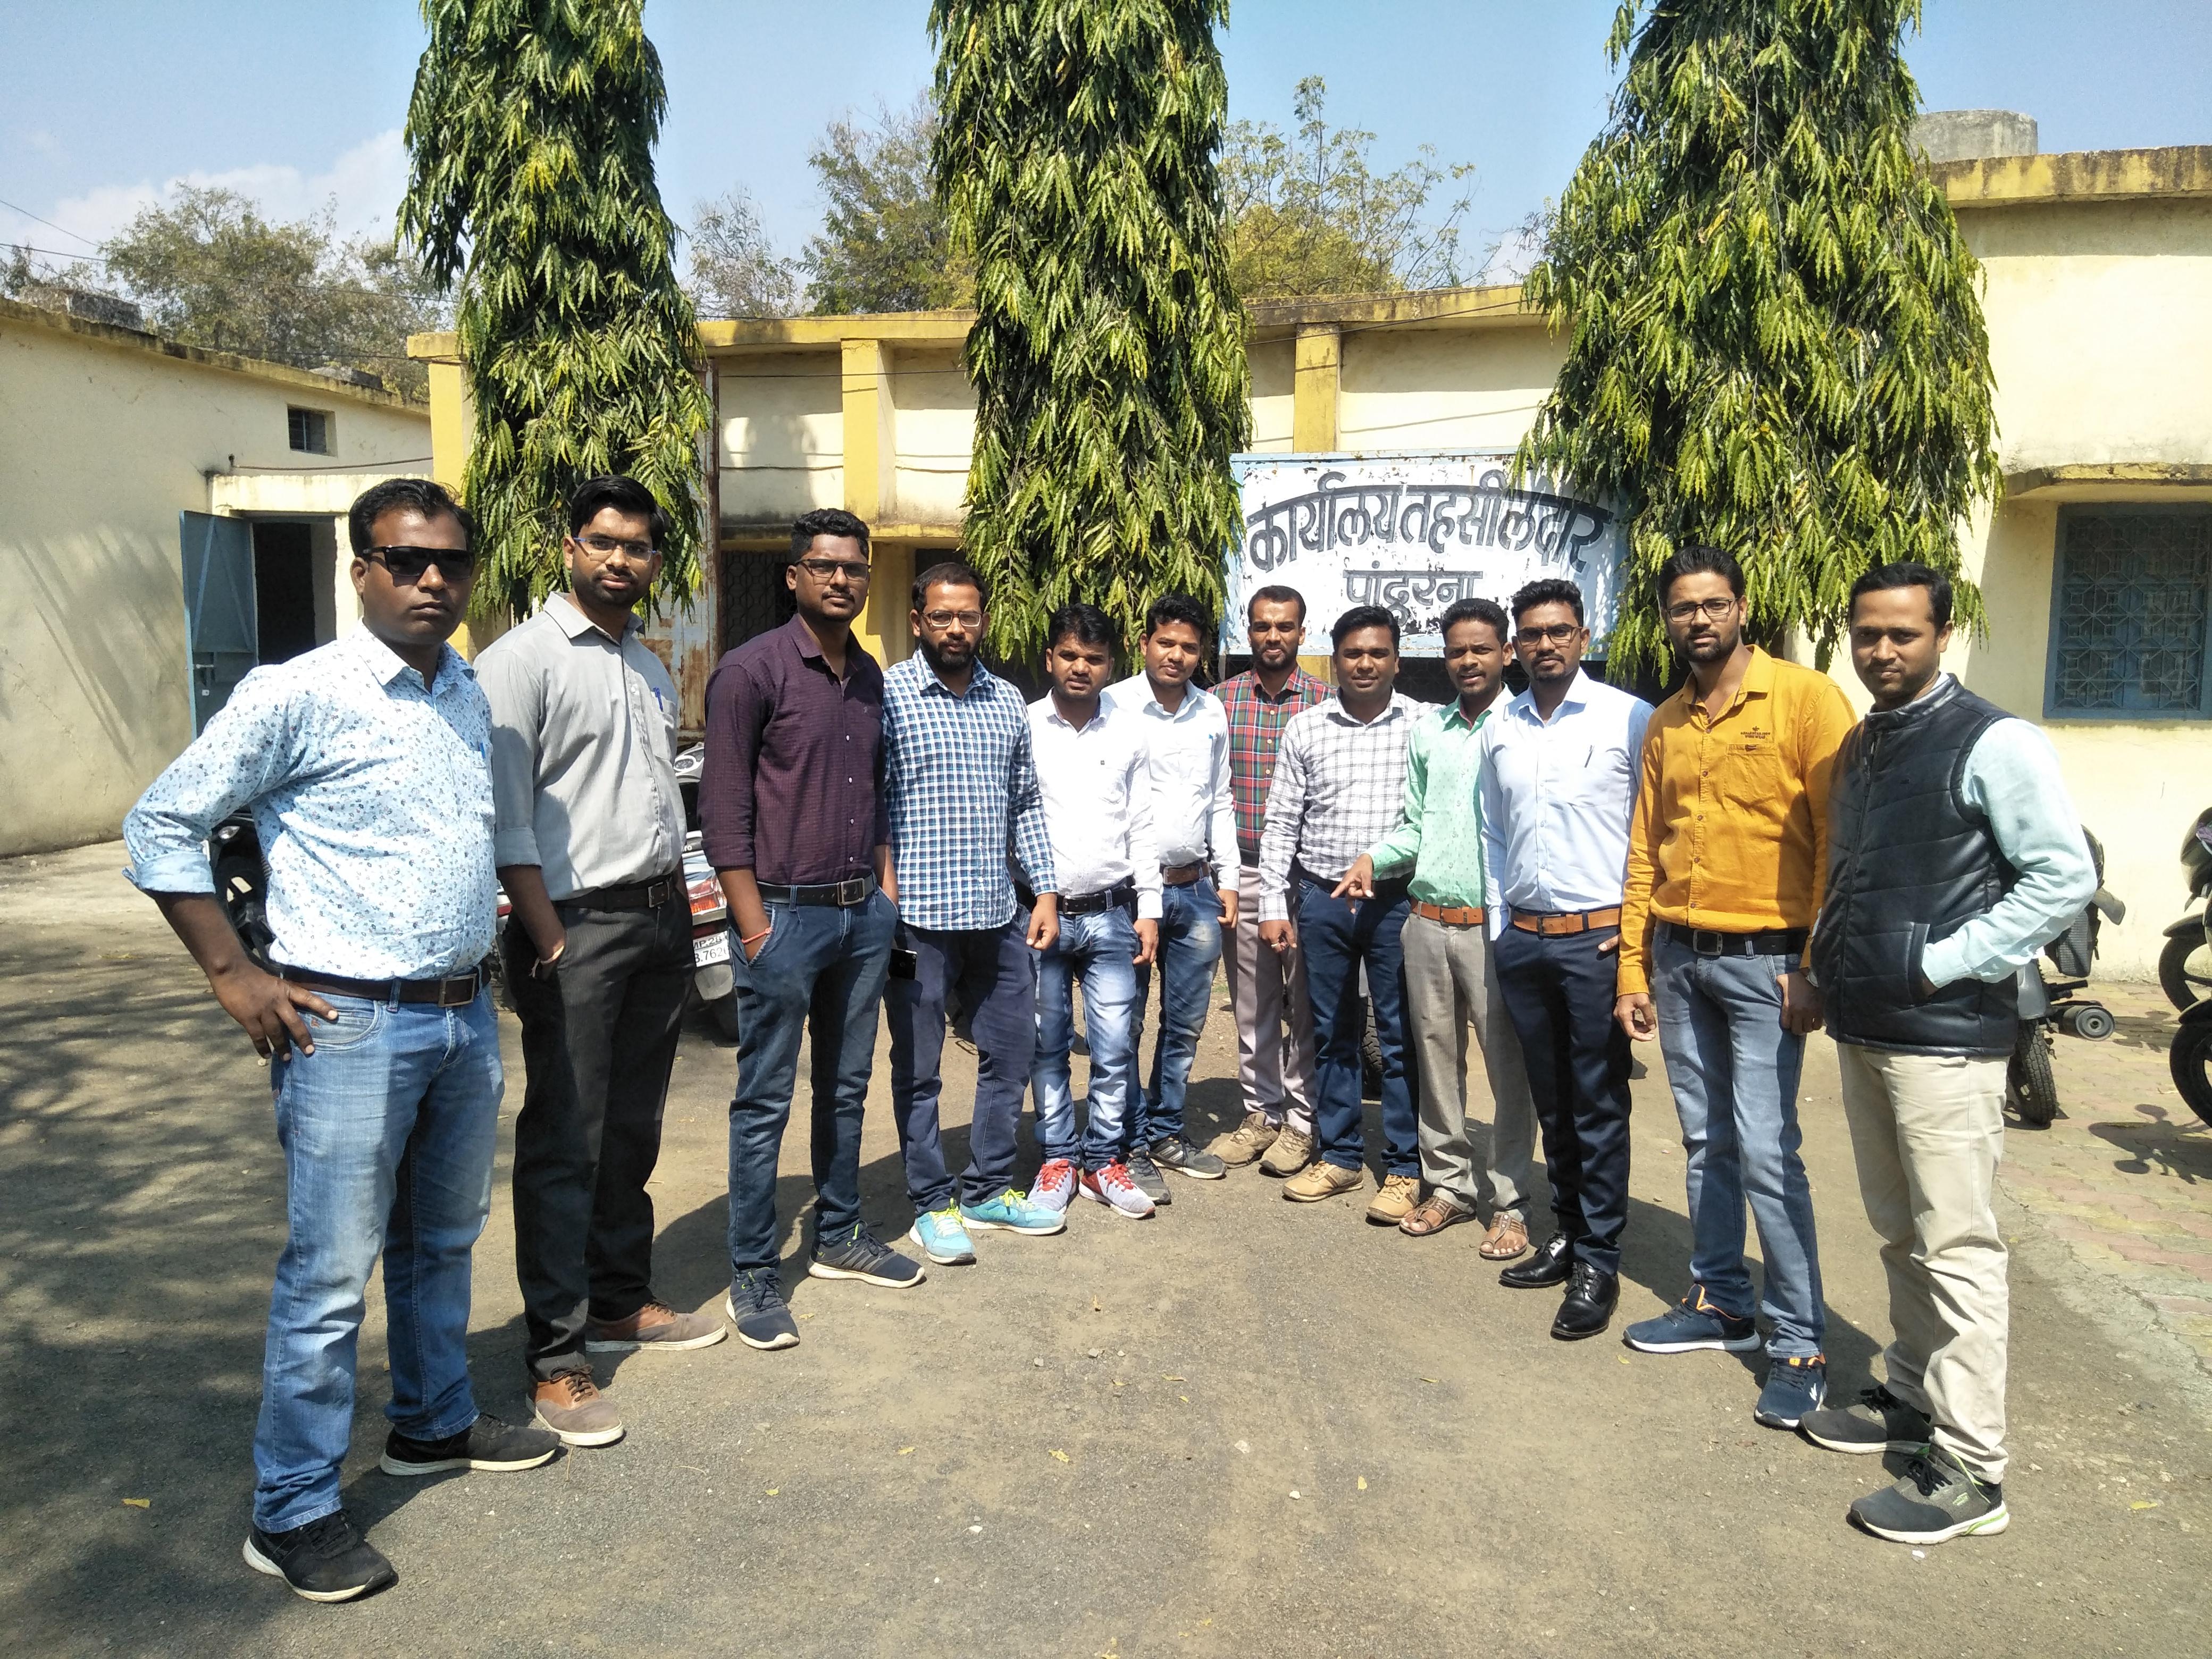 इंजीनियरिंग कर छात्र बने पटवारी